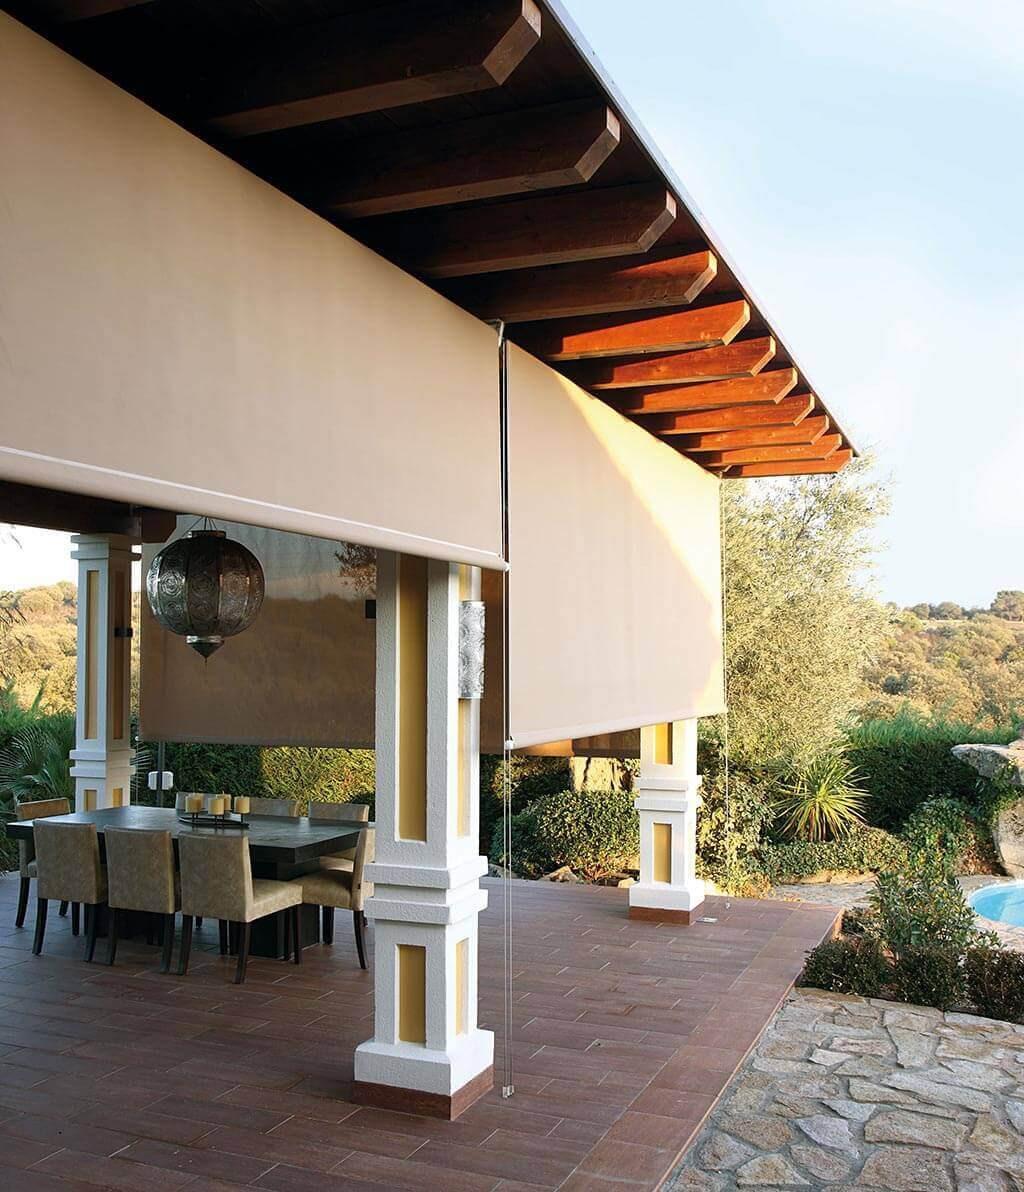 Sonnenschutz Für Terrasse  Sonnenschutz für Ihre Terrasse komfortable Schattenspender